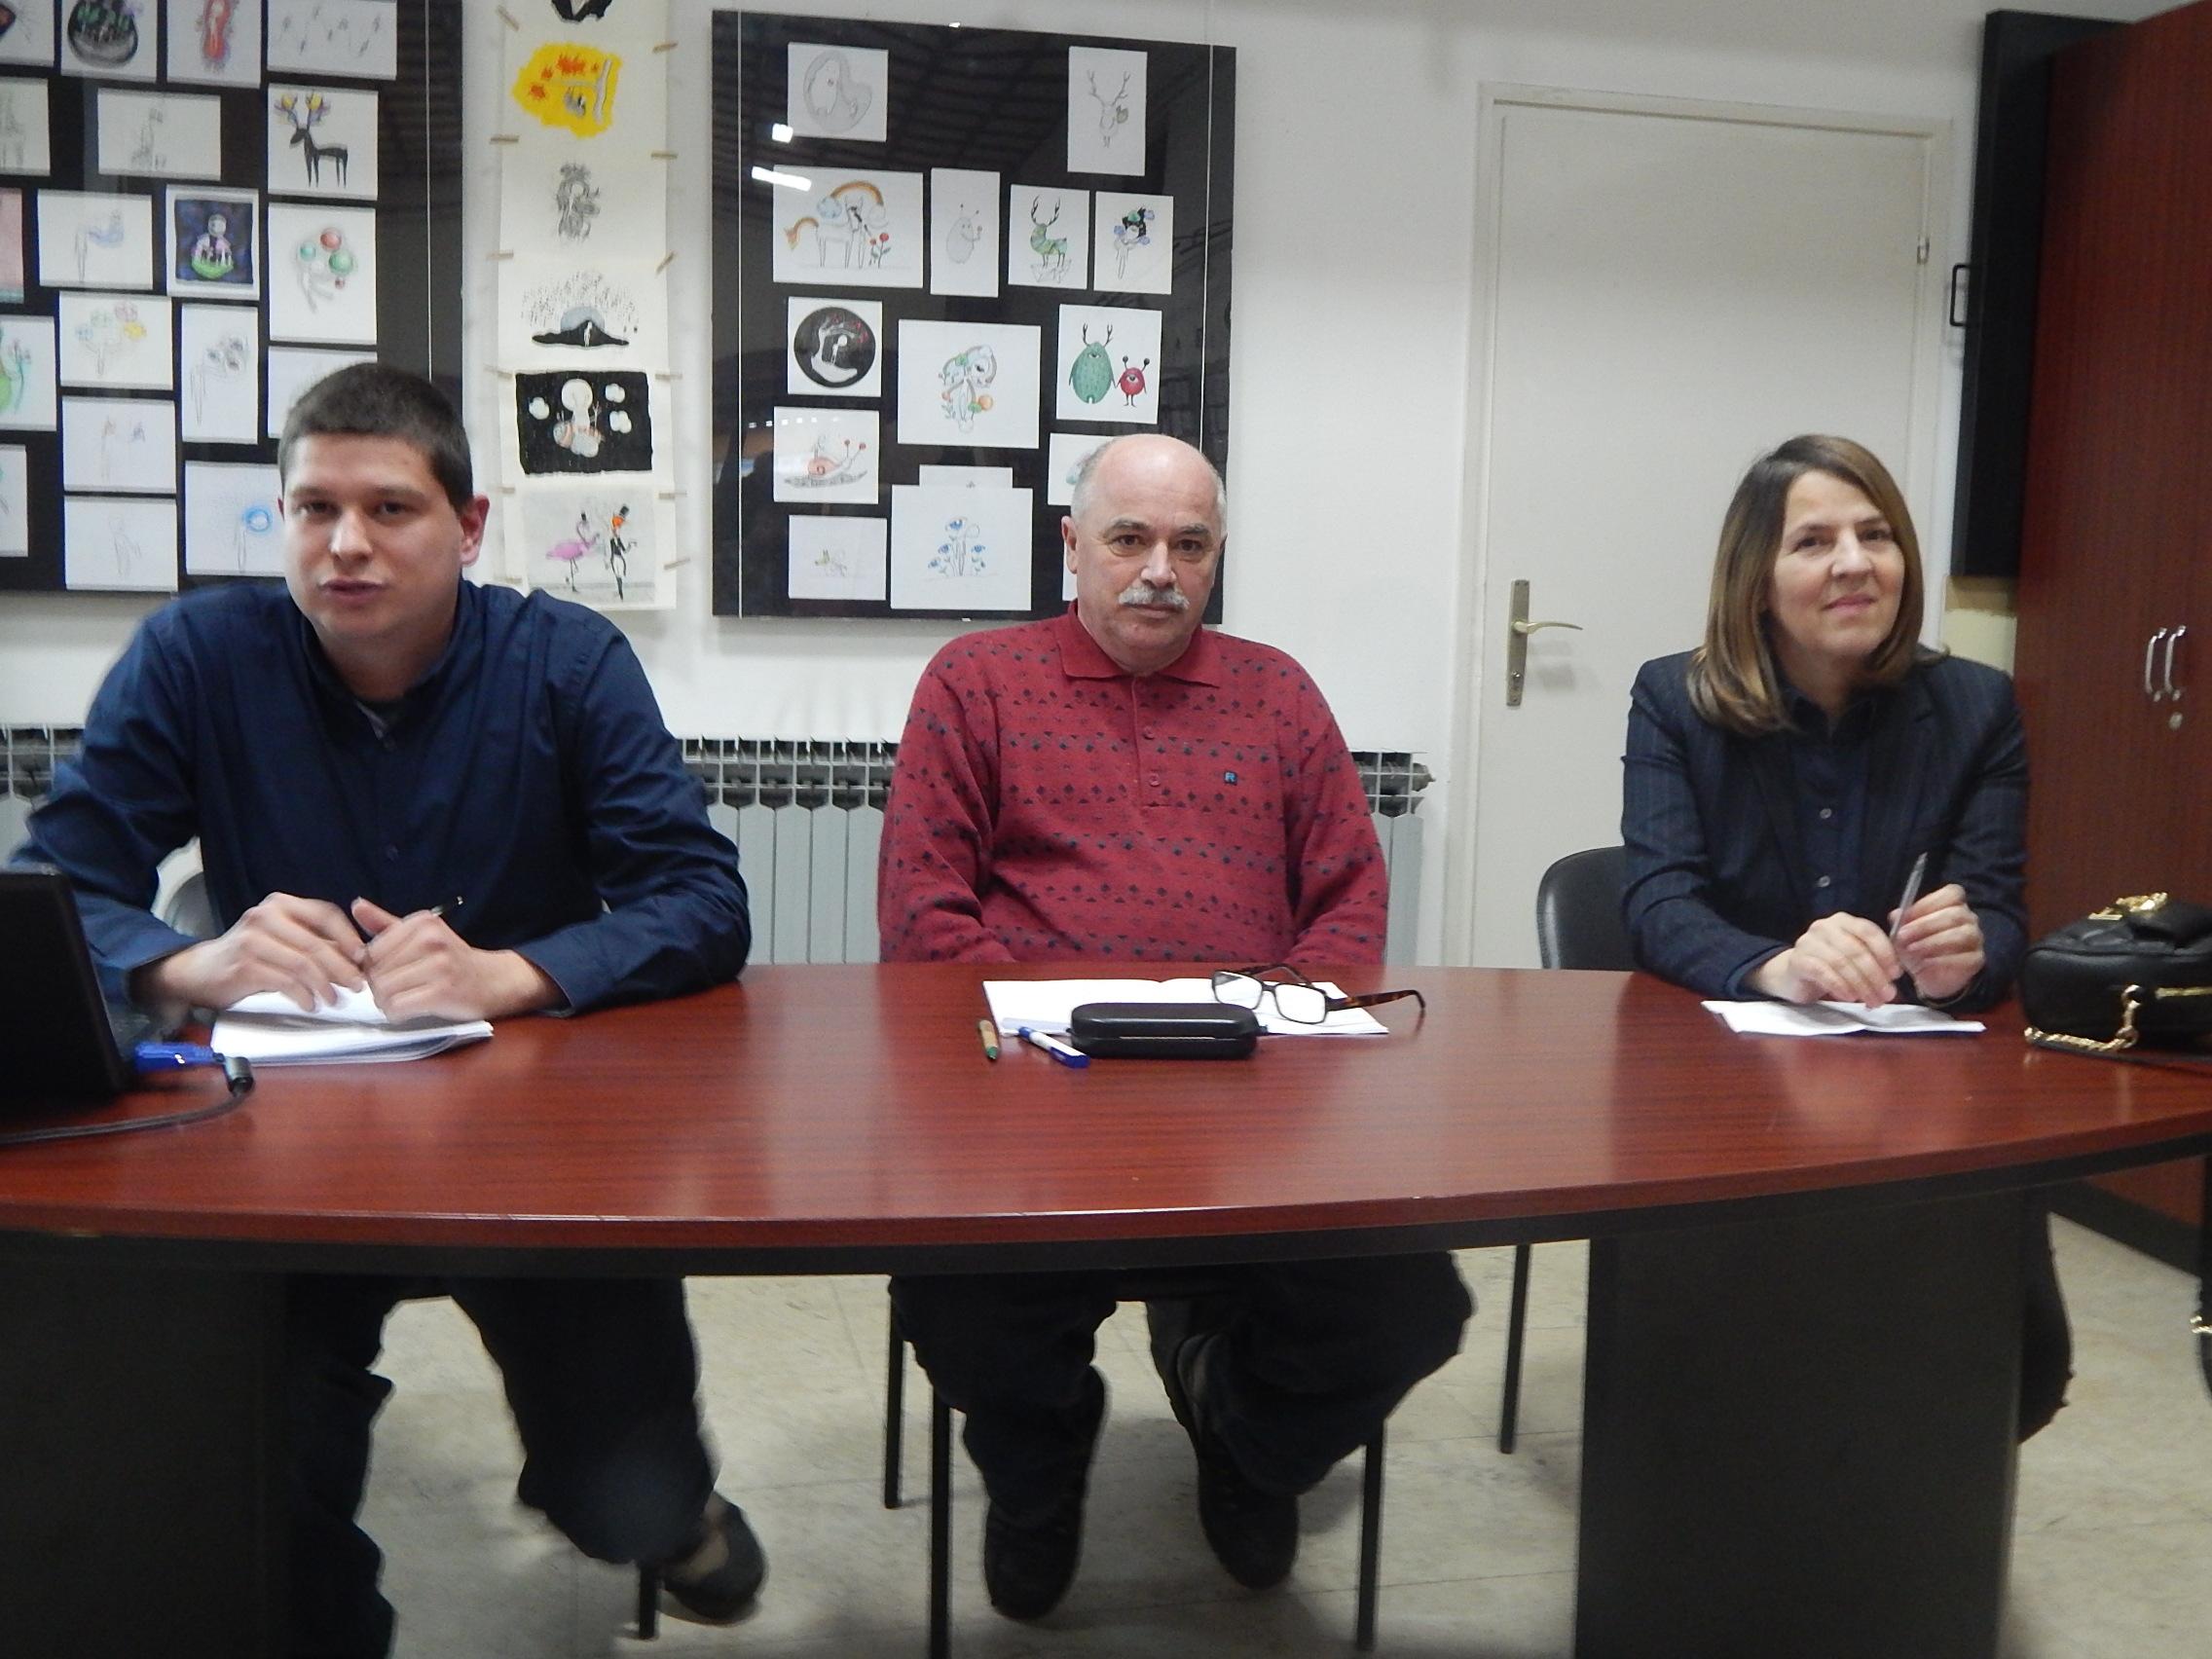 Branimir Tot, Marinko Marinović i Jasna Plevnik na tribini o gradskim medijma u Knjižnici za mlade u Karlovcu 13. 1. 2017. godine. Foto: Marin Bakić